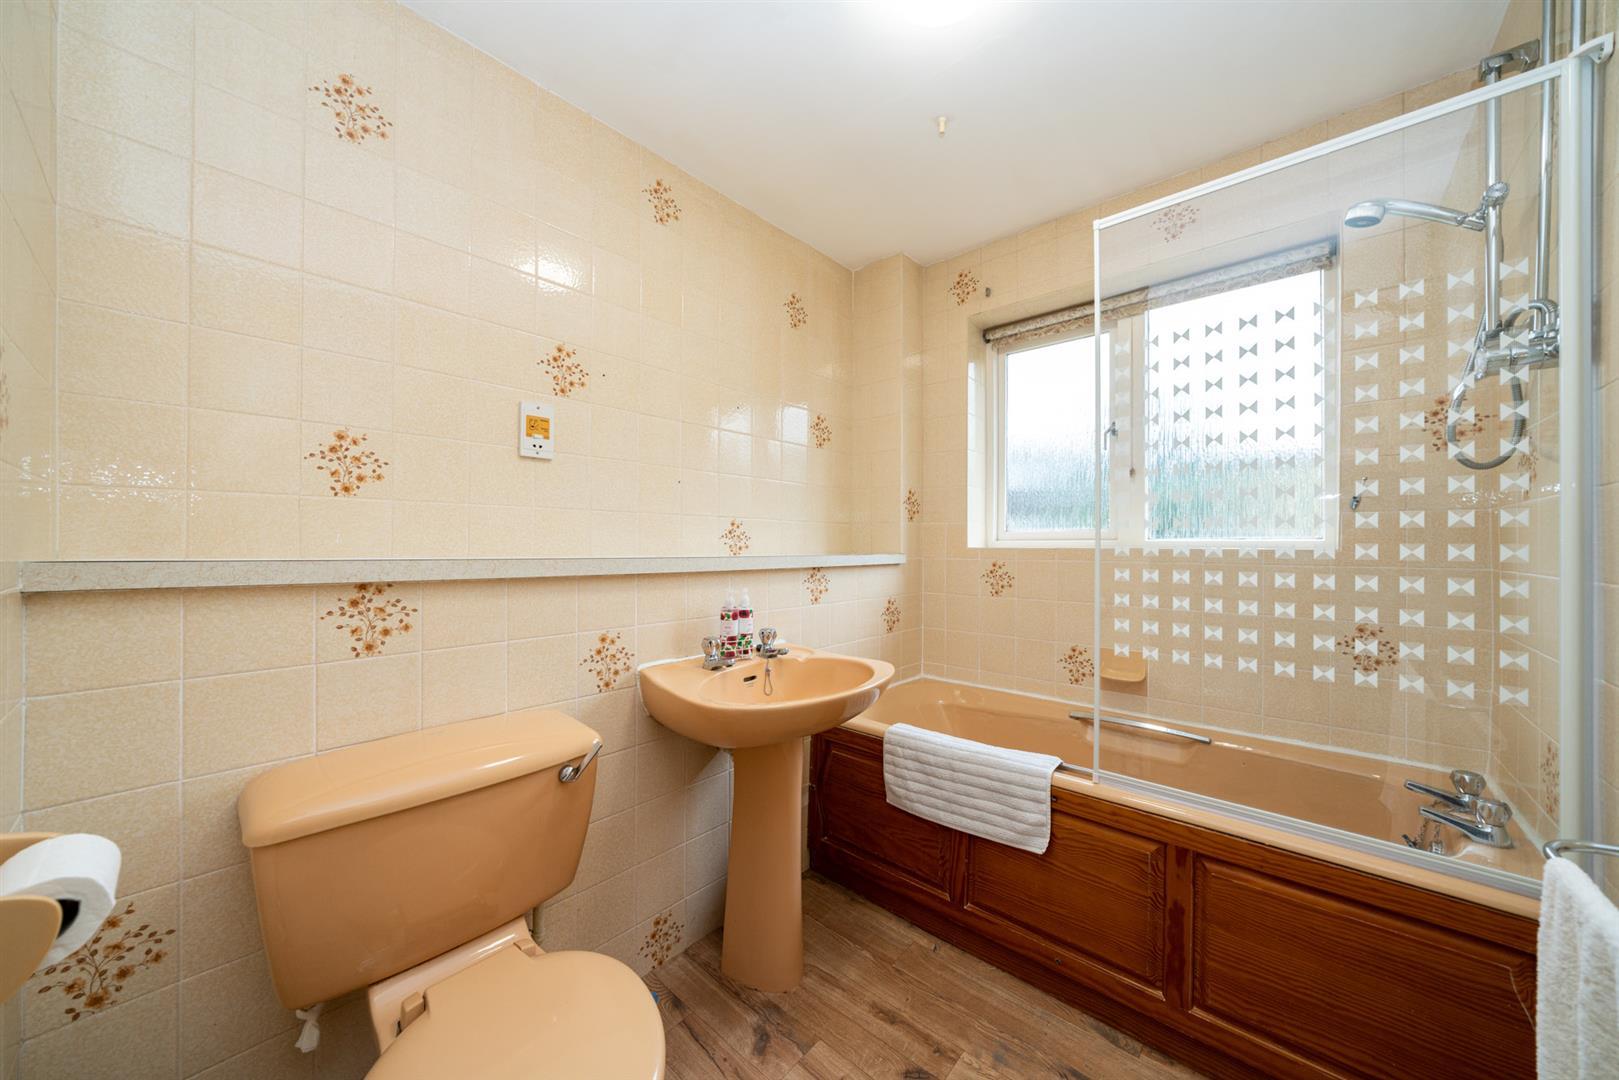 6-Rosehill-4084 - bathroom.jpg